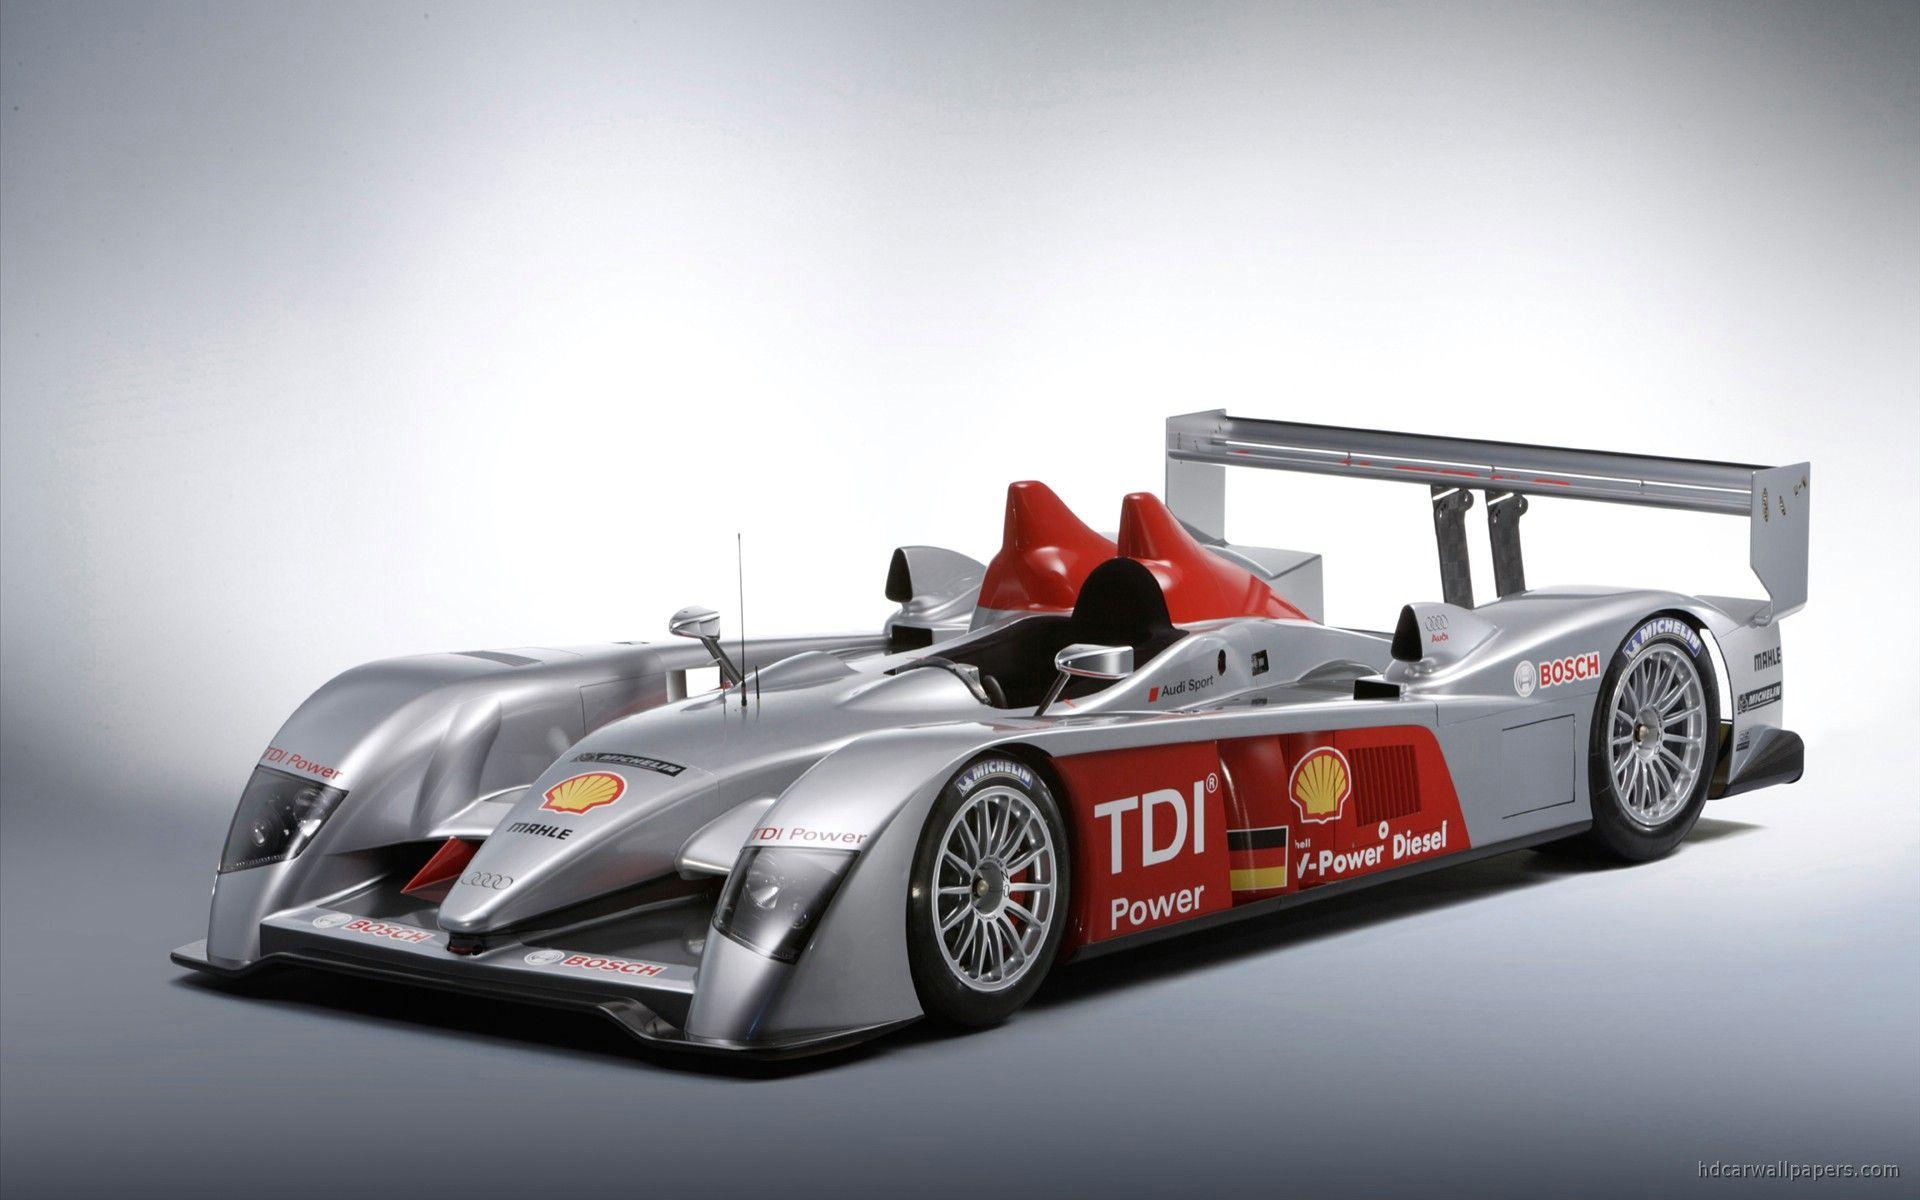 Le Mans Race Cars Audi R10 Le Mans Race Car Wallpaper Hd Car